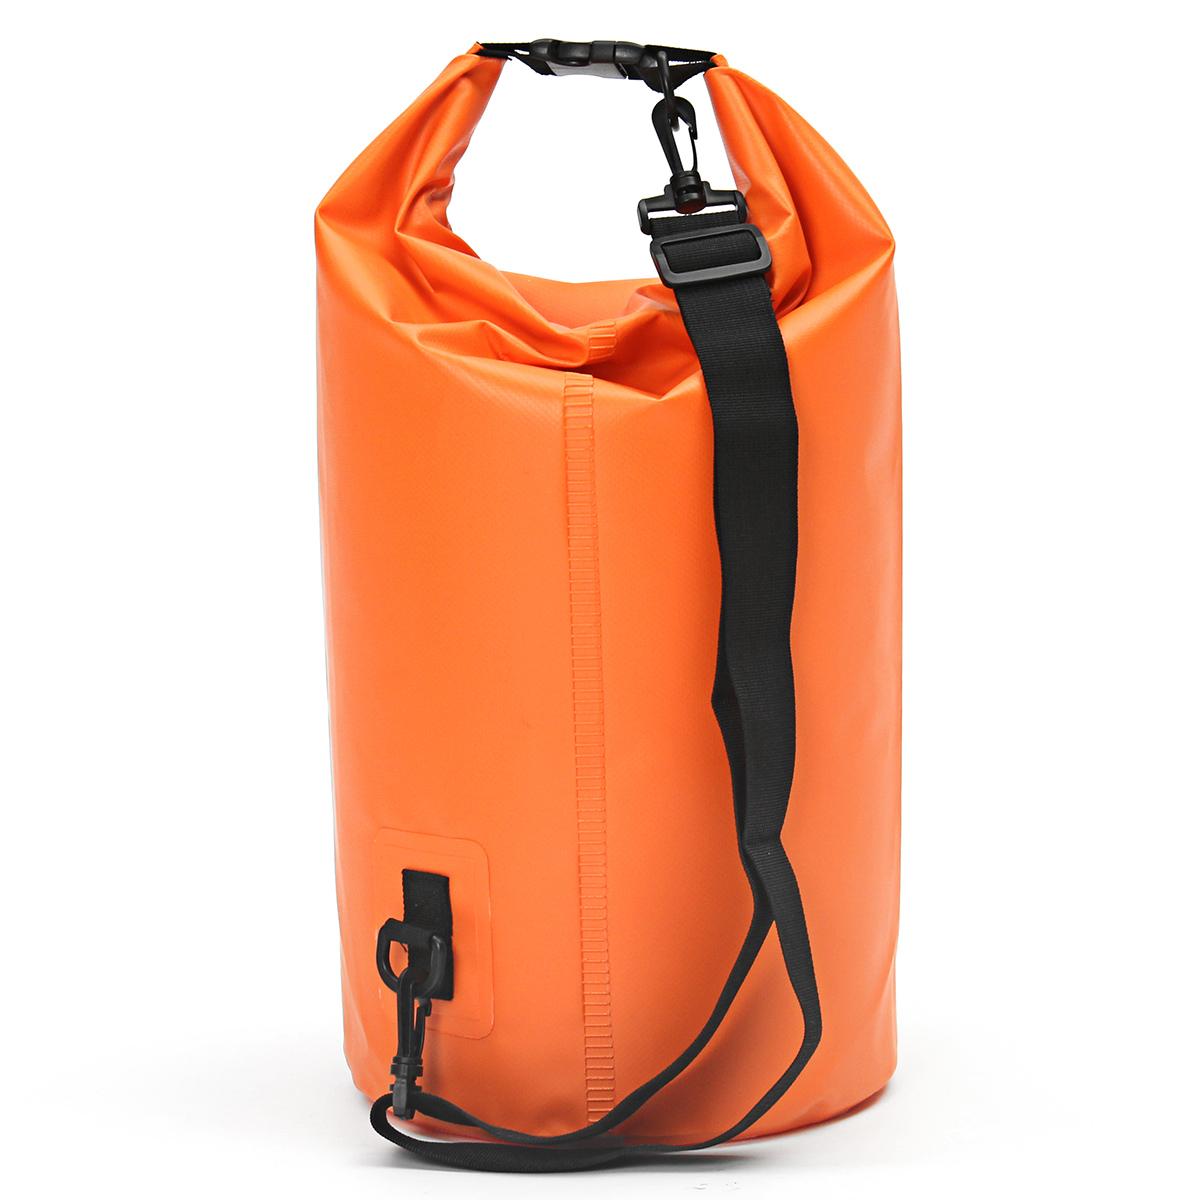 Xmund XD-DY1 Outdoor PVC Waterproof Bag Rafting Sports Kayaking Swimming Dry Bag Travel Kit